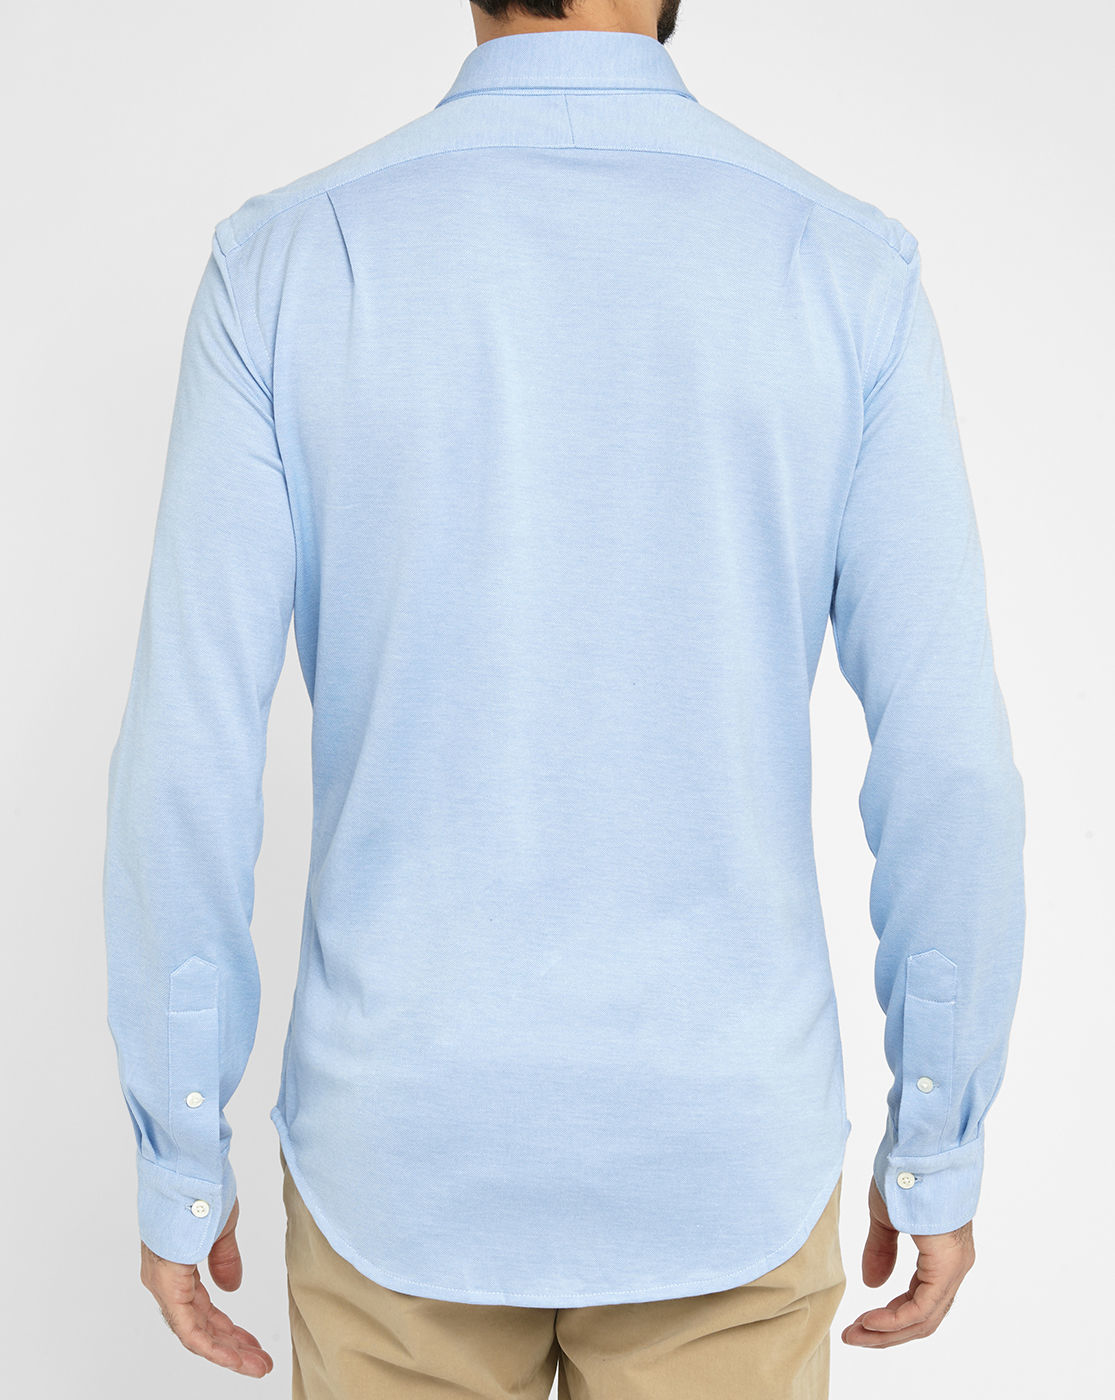 Polo ralph lauren sky blue jersey piqu shirt in blue for for Ralph lauren polo jersey shirt